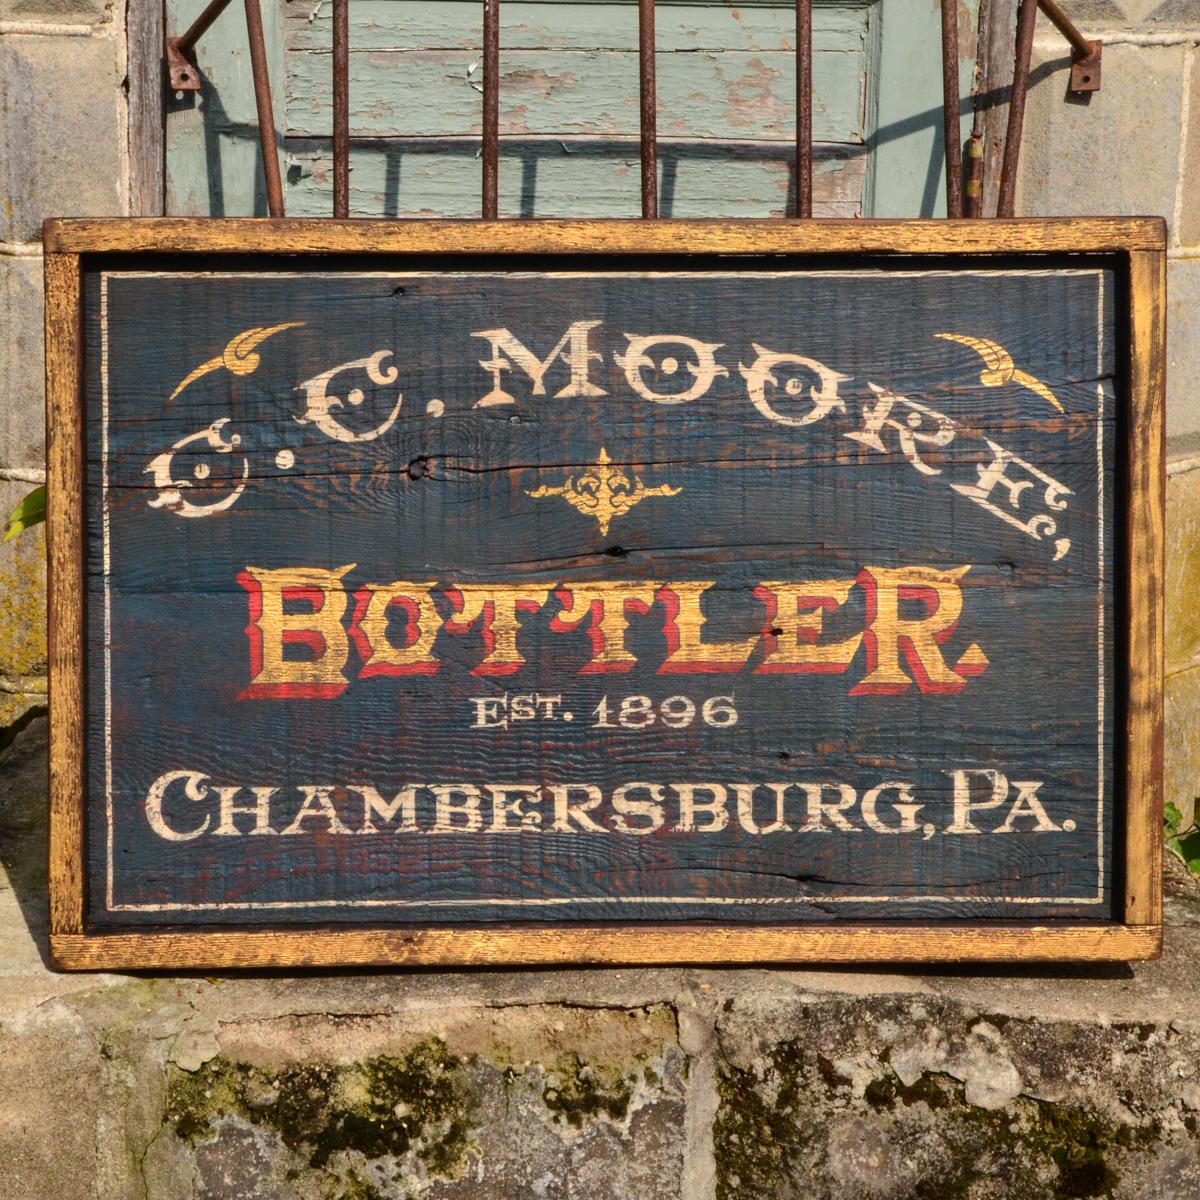 C.C. Moore Bottler